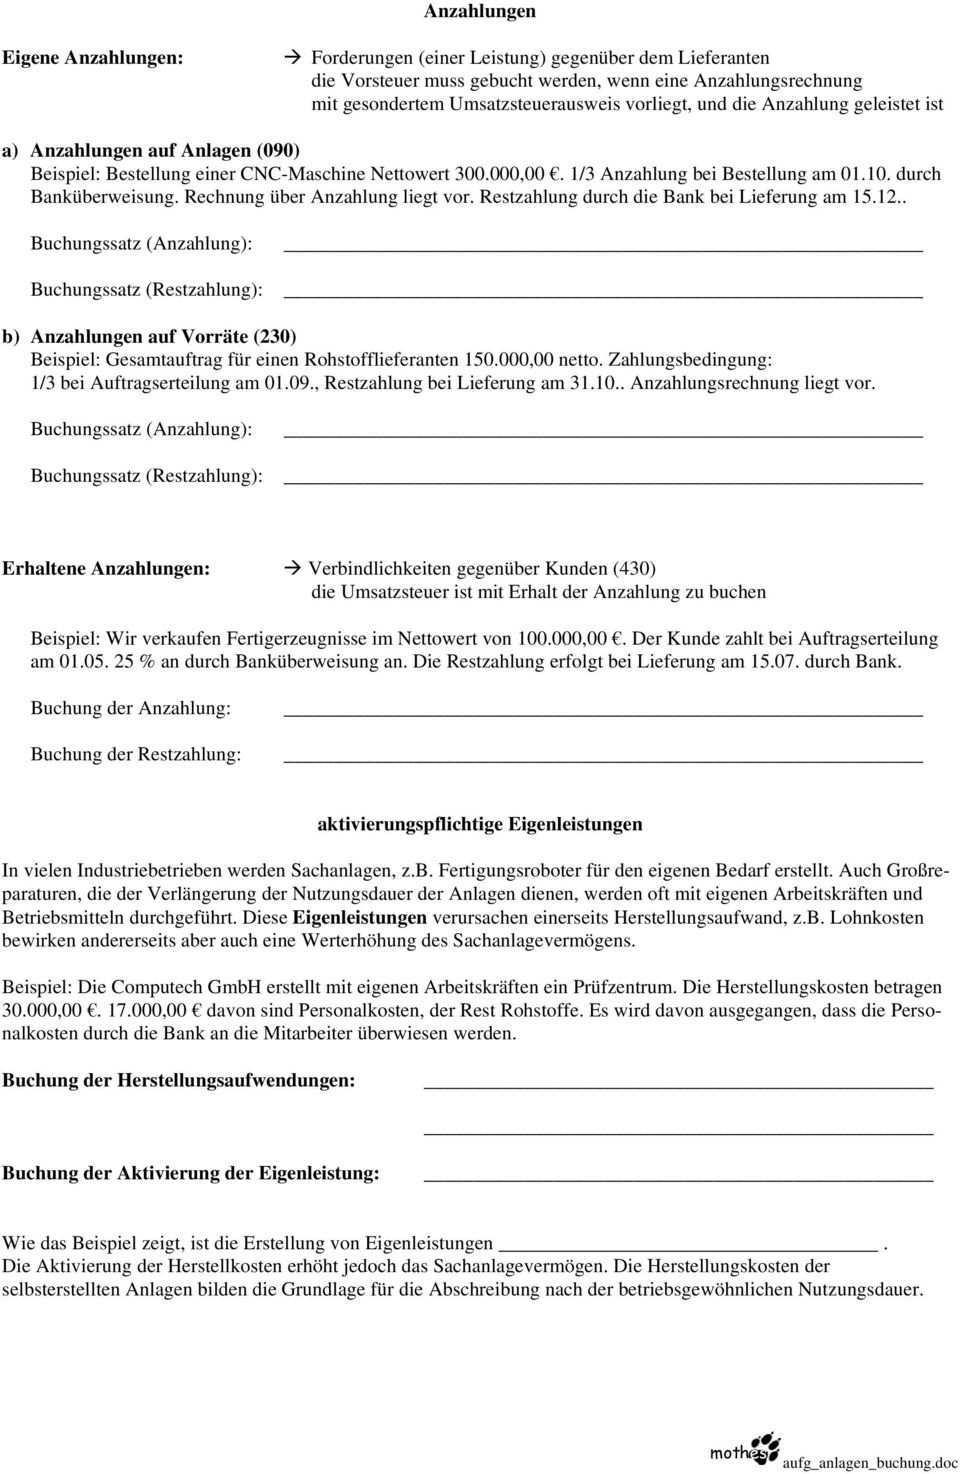 Nachtragliche Anschaffungskosten Sind Bspw Der Anbau An Ein Gebaude Oder Der Umbau Eines Gebaudes Pdf Free Download